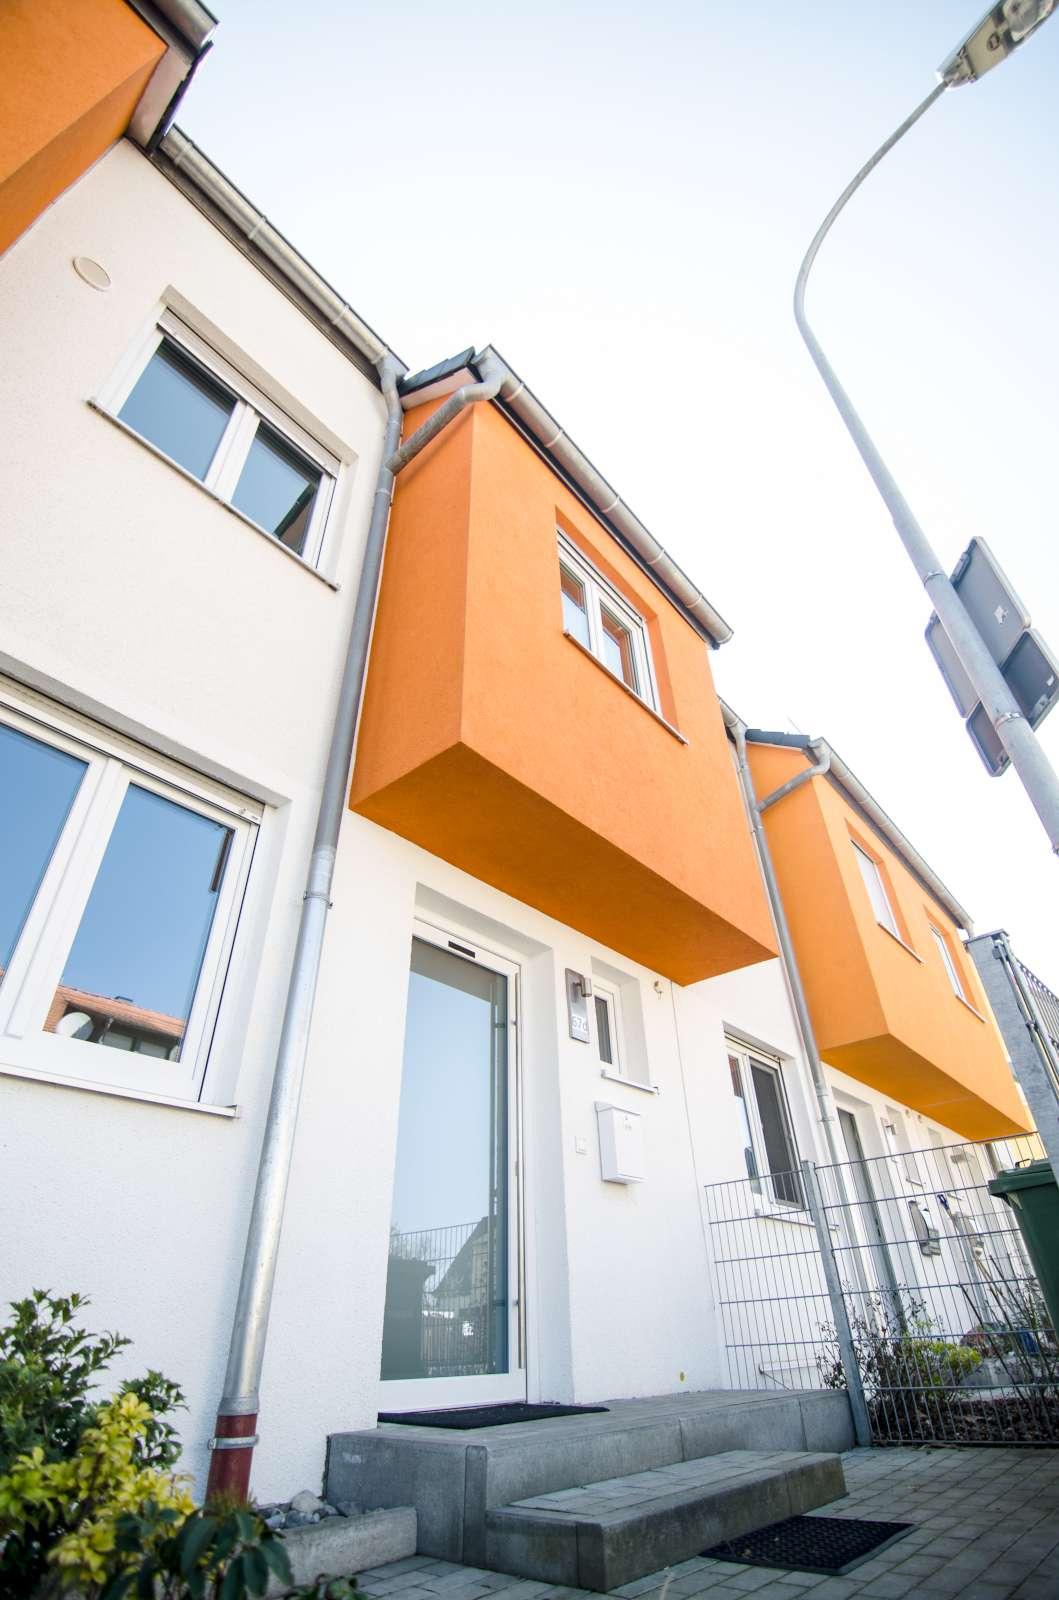 6 zimmer toskanavilla 5 schlafzimmer zu mieten in 91126 schwabach. Black Bedroom Furniture Sets. Home Design Ideas